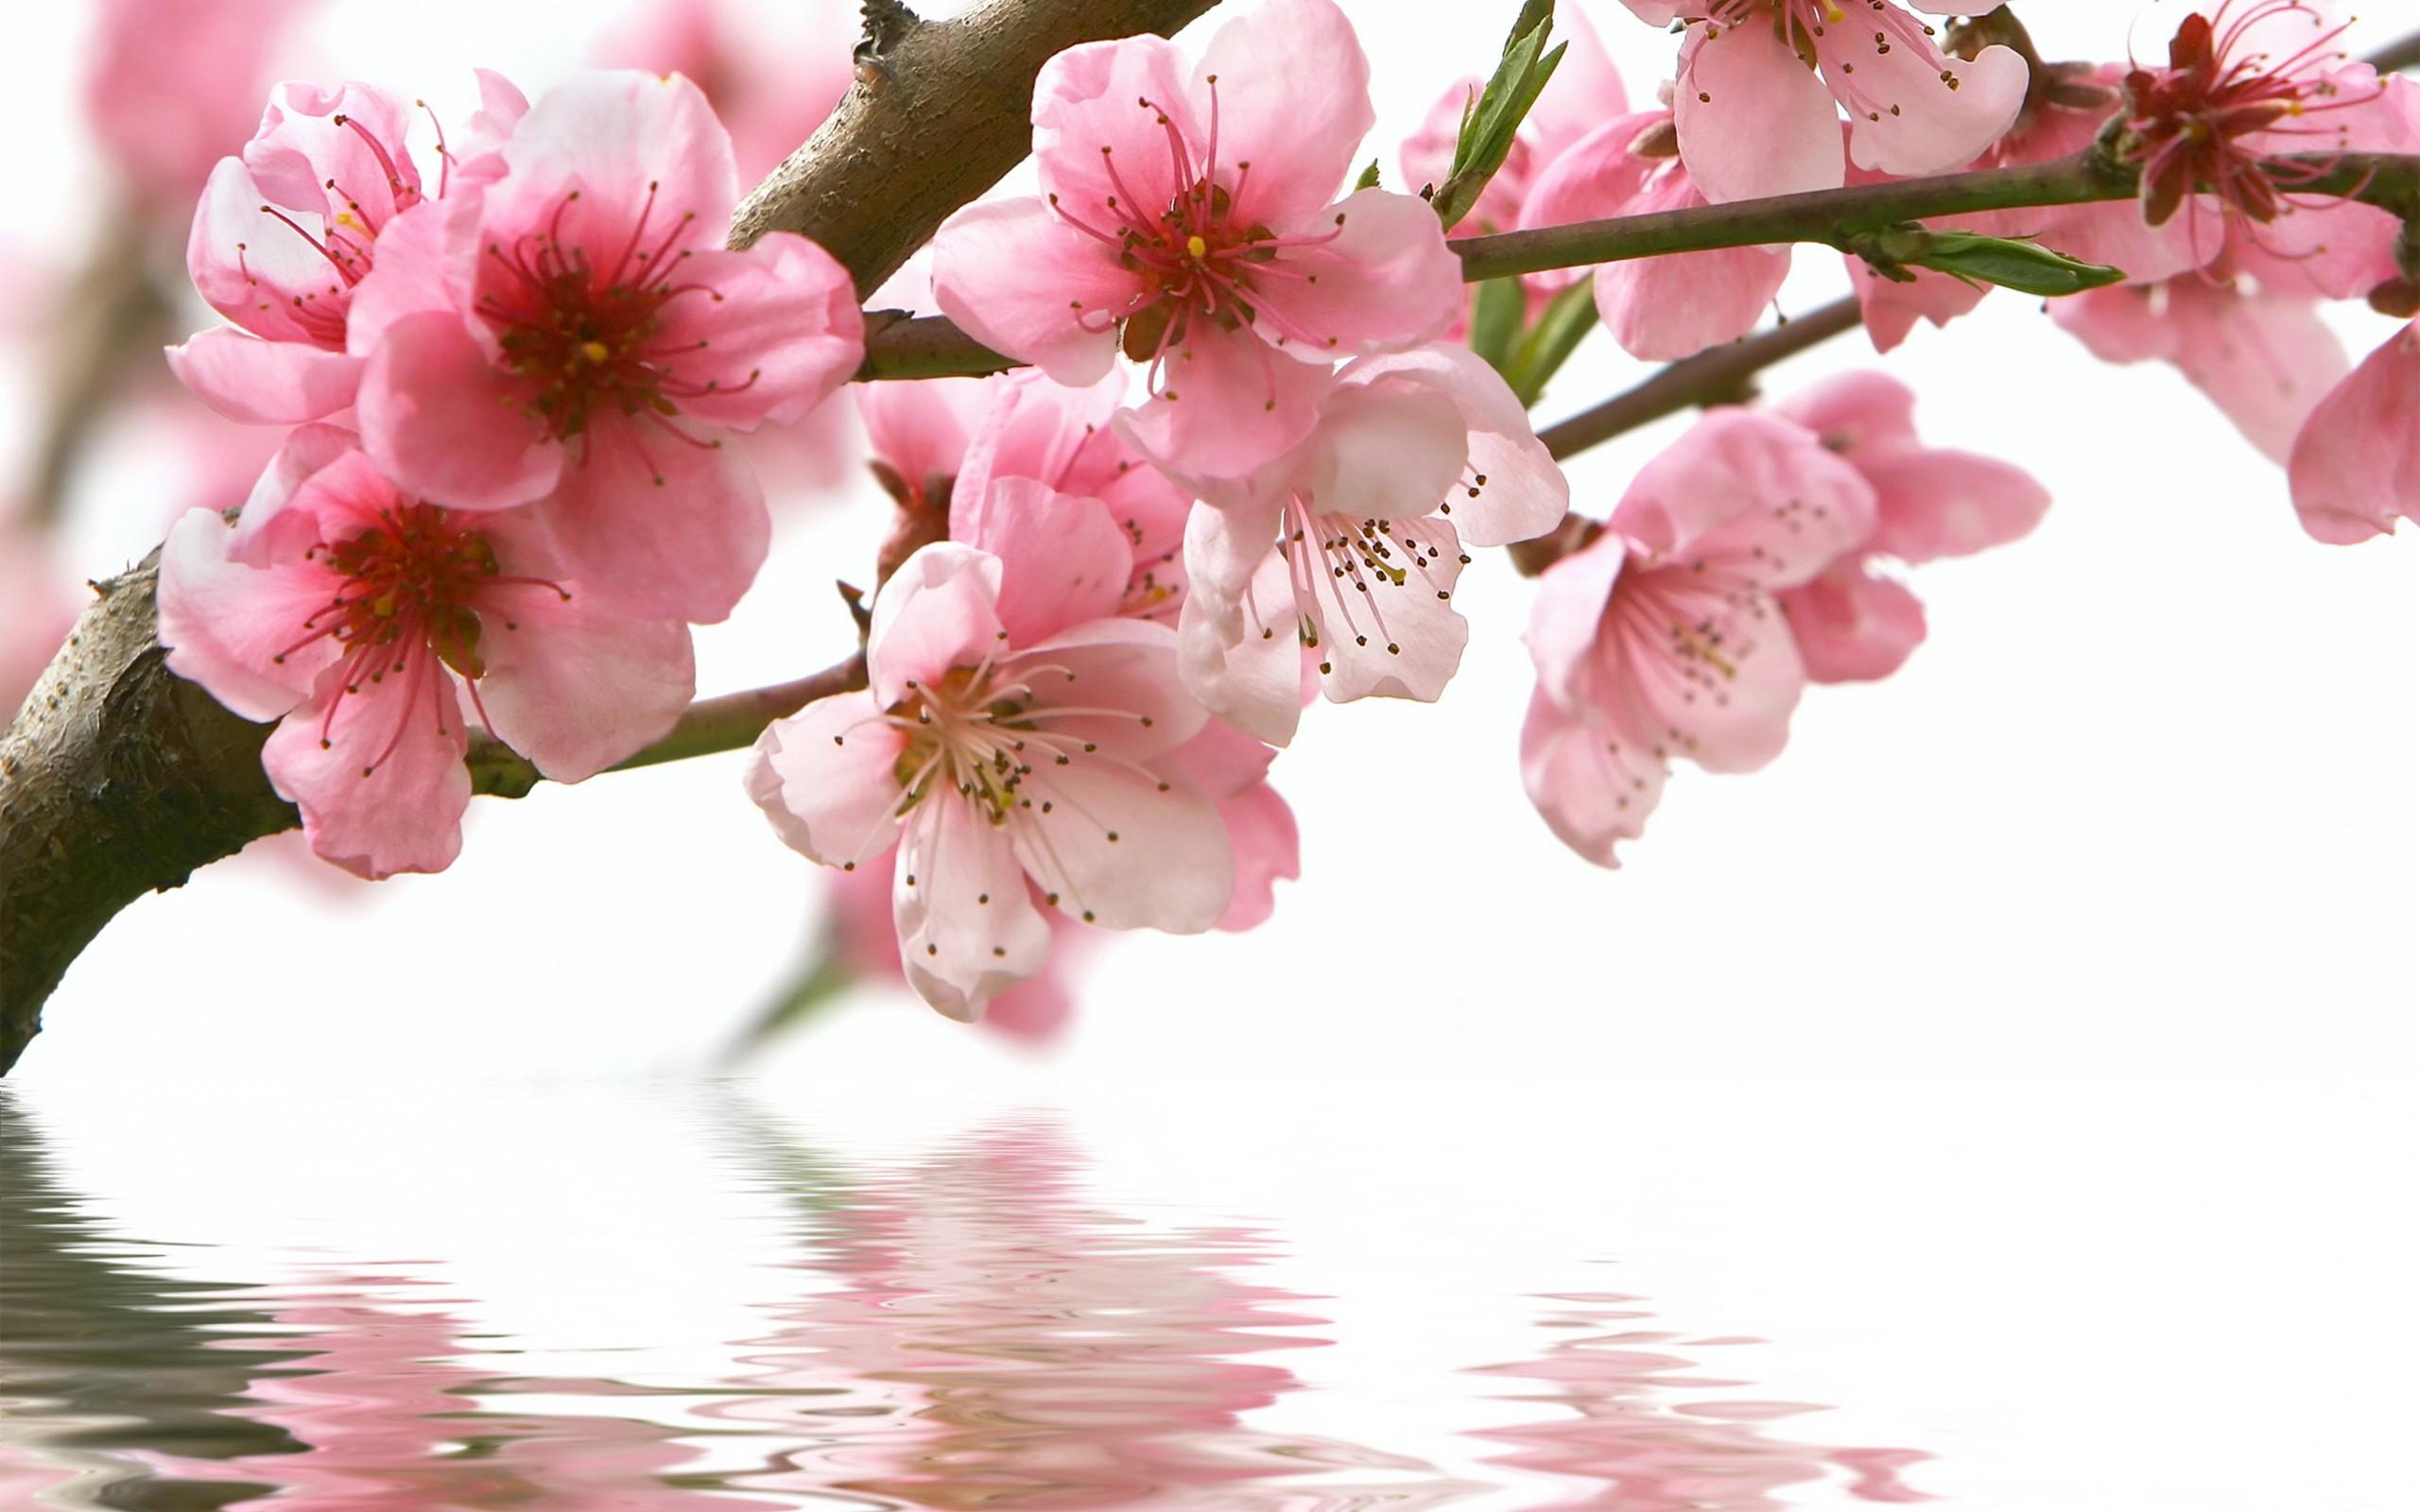 упасть гифки красивые картинки цветение веточки опадали